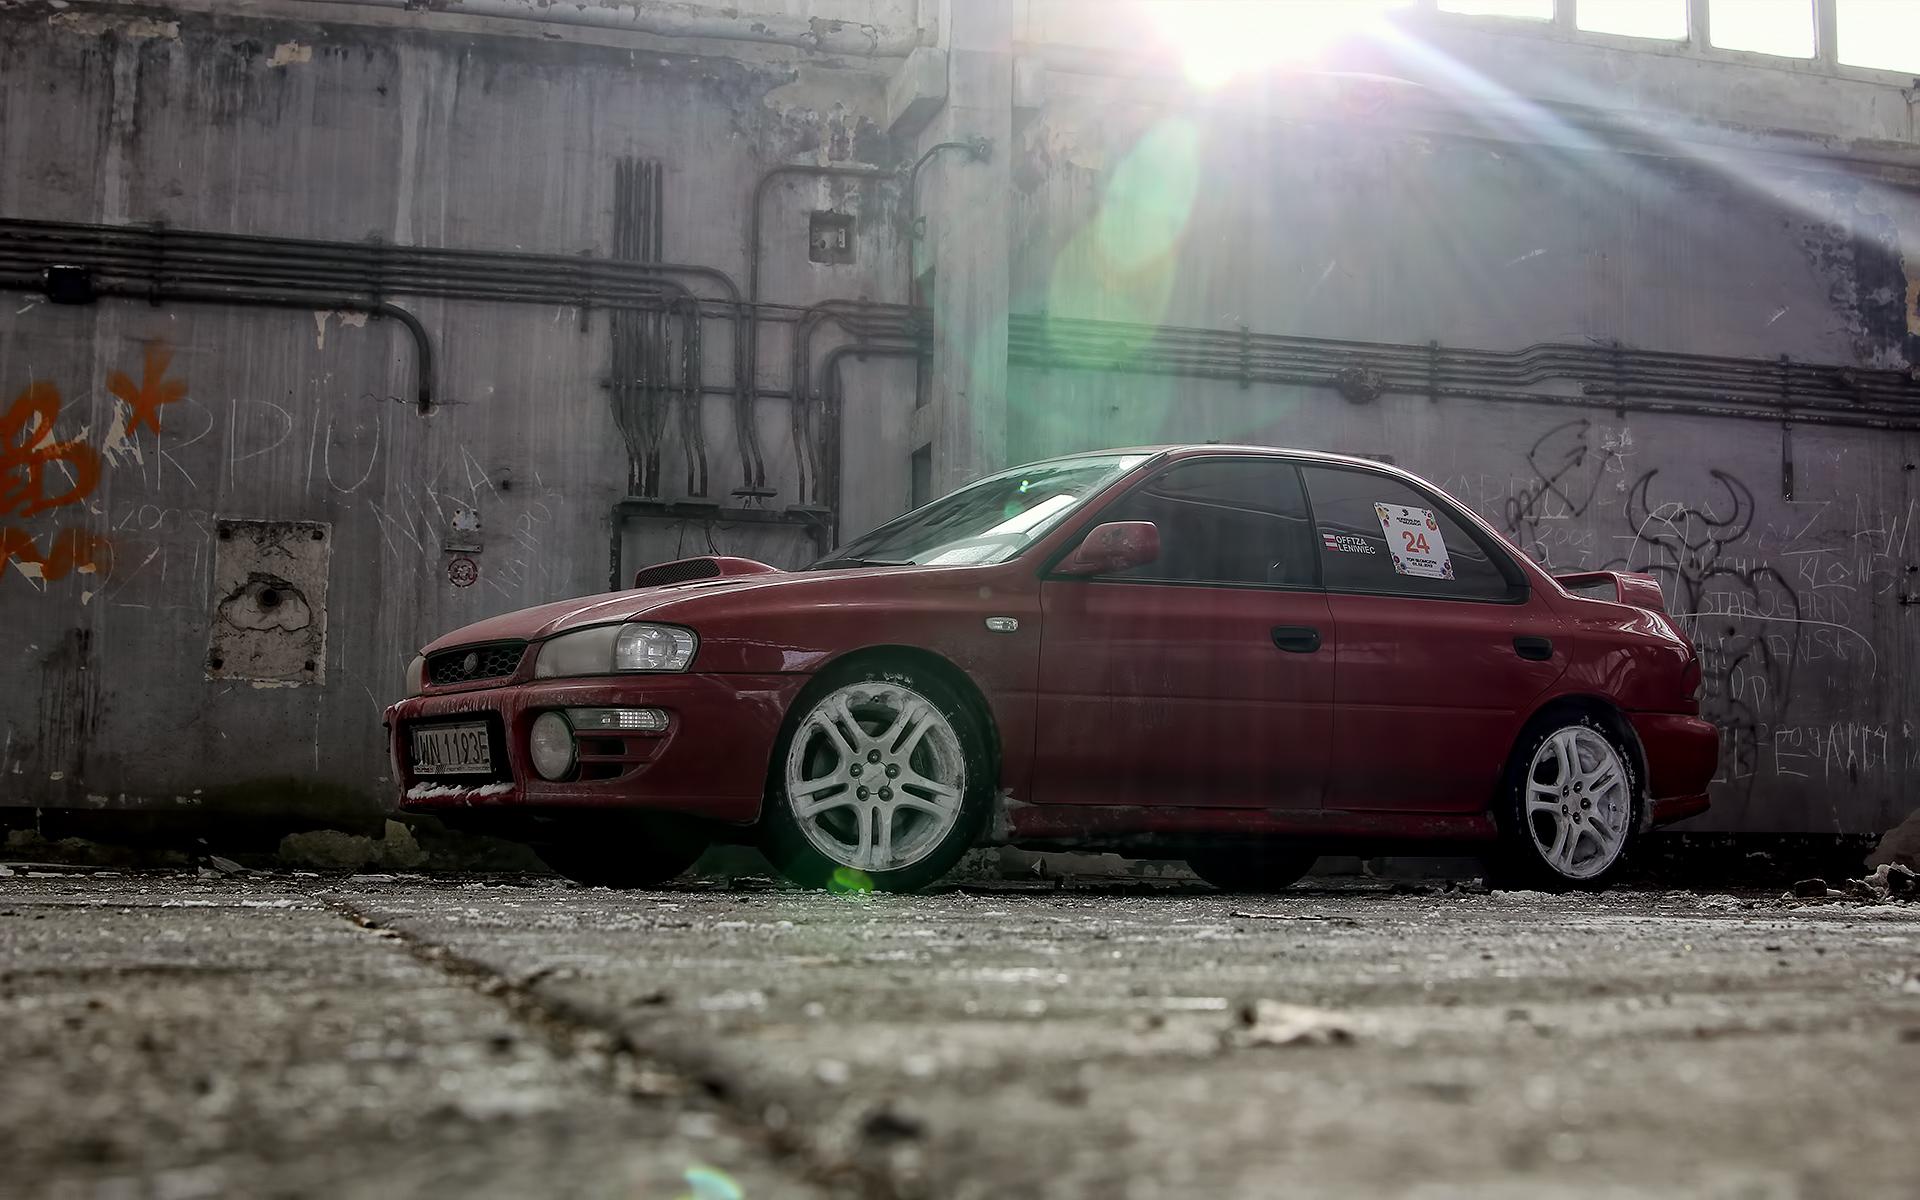 TAPETA: Subaru Impreza